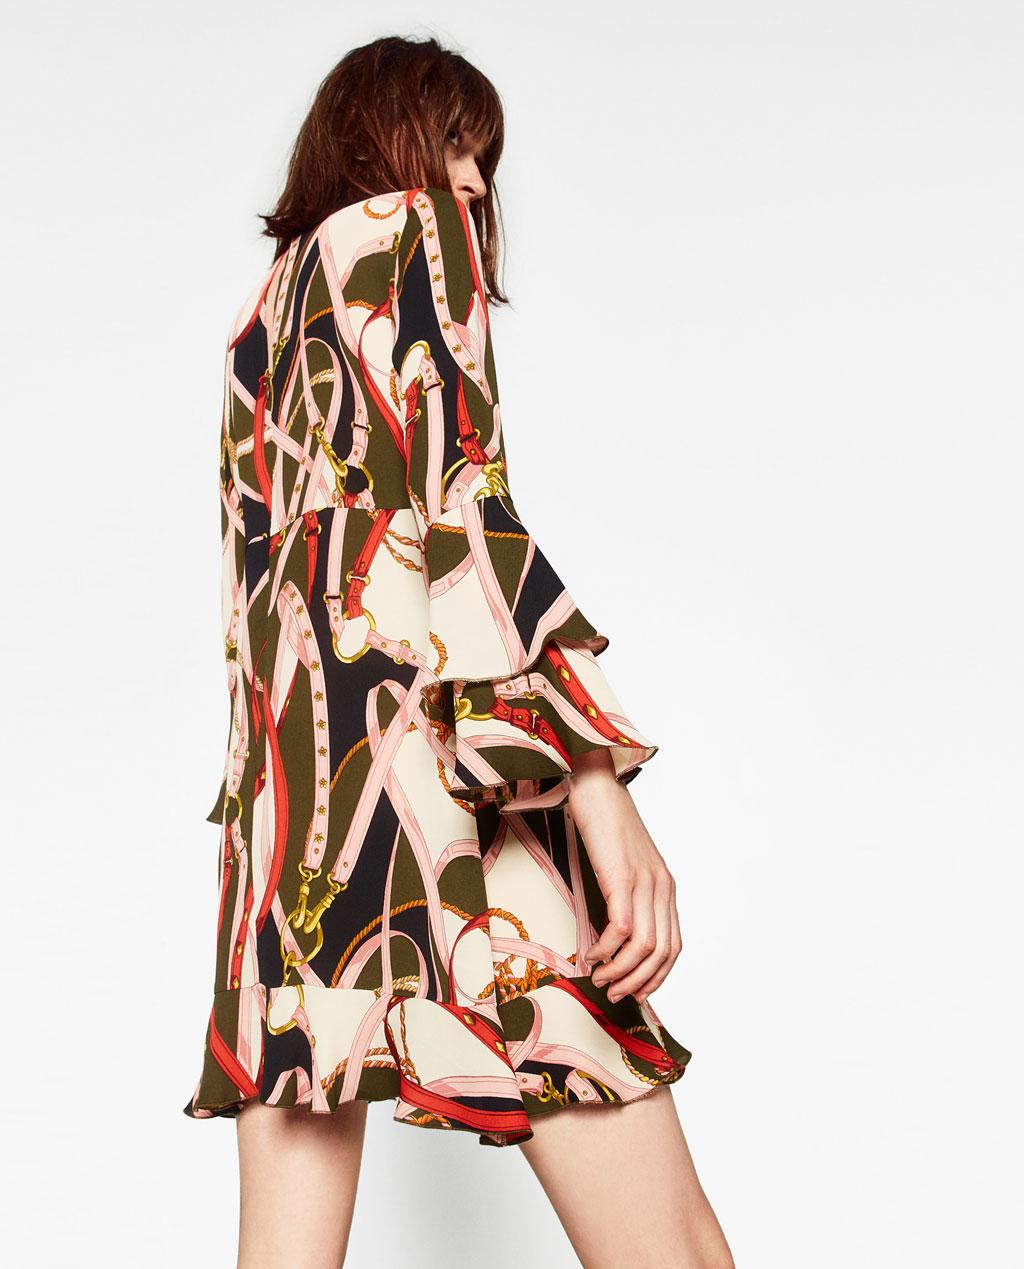 Zara Gucci Dress.jpg